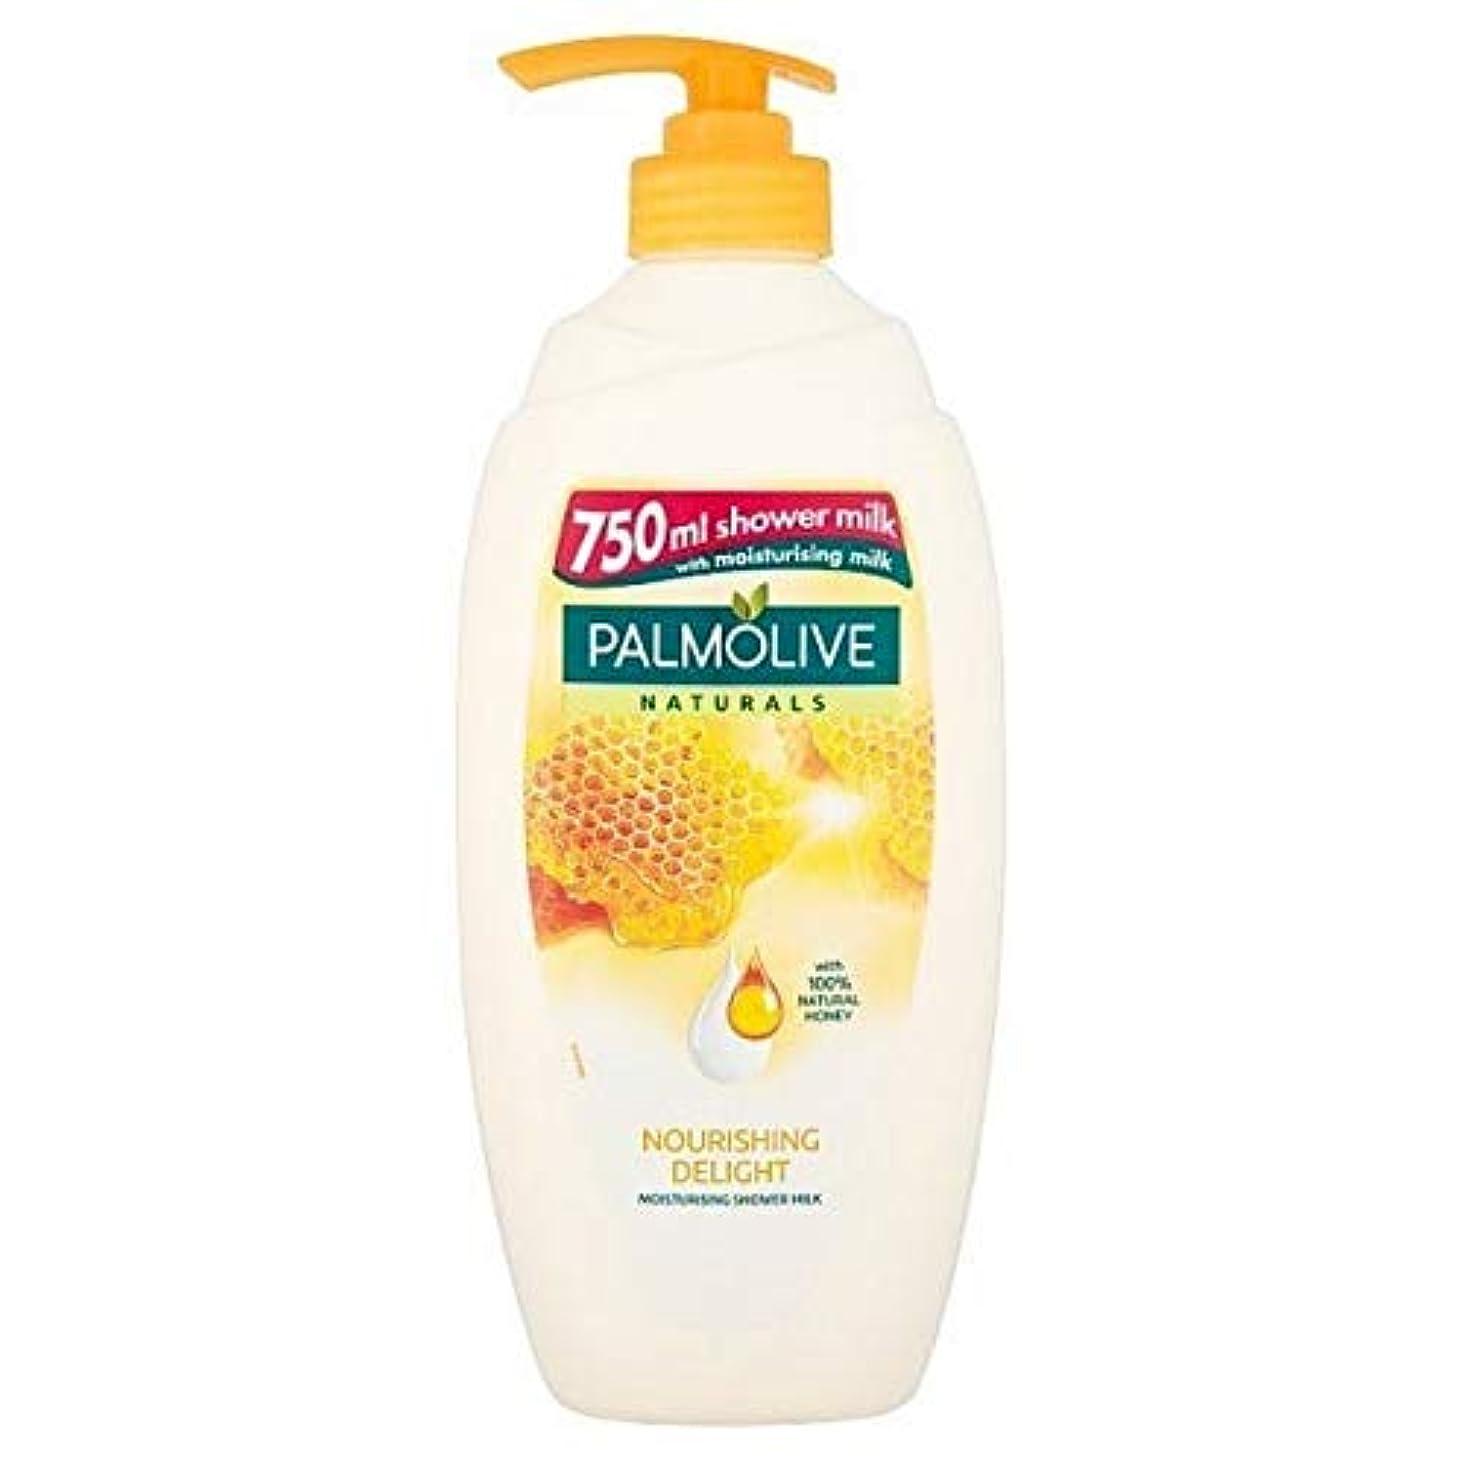 自転車鳩ユニークな[Palmolive ] パルモライブナチュラルミルク&ハニーシャワージェルクリーム750ミリリットル - Palmolive Naturals Milk & Honey Shower Gel Cream 750ml [...